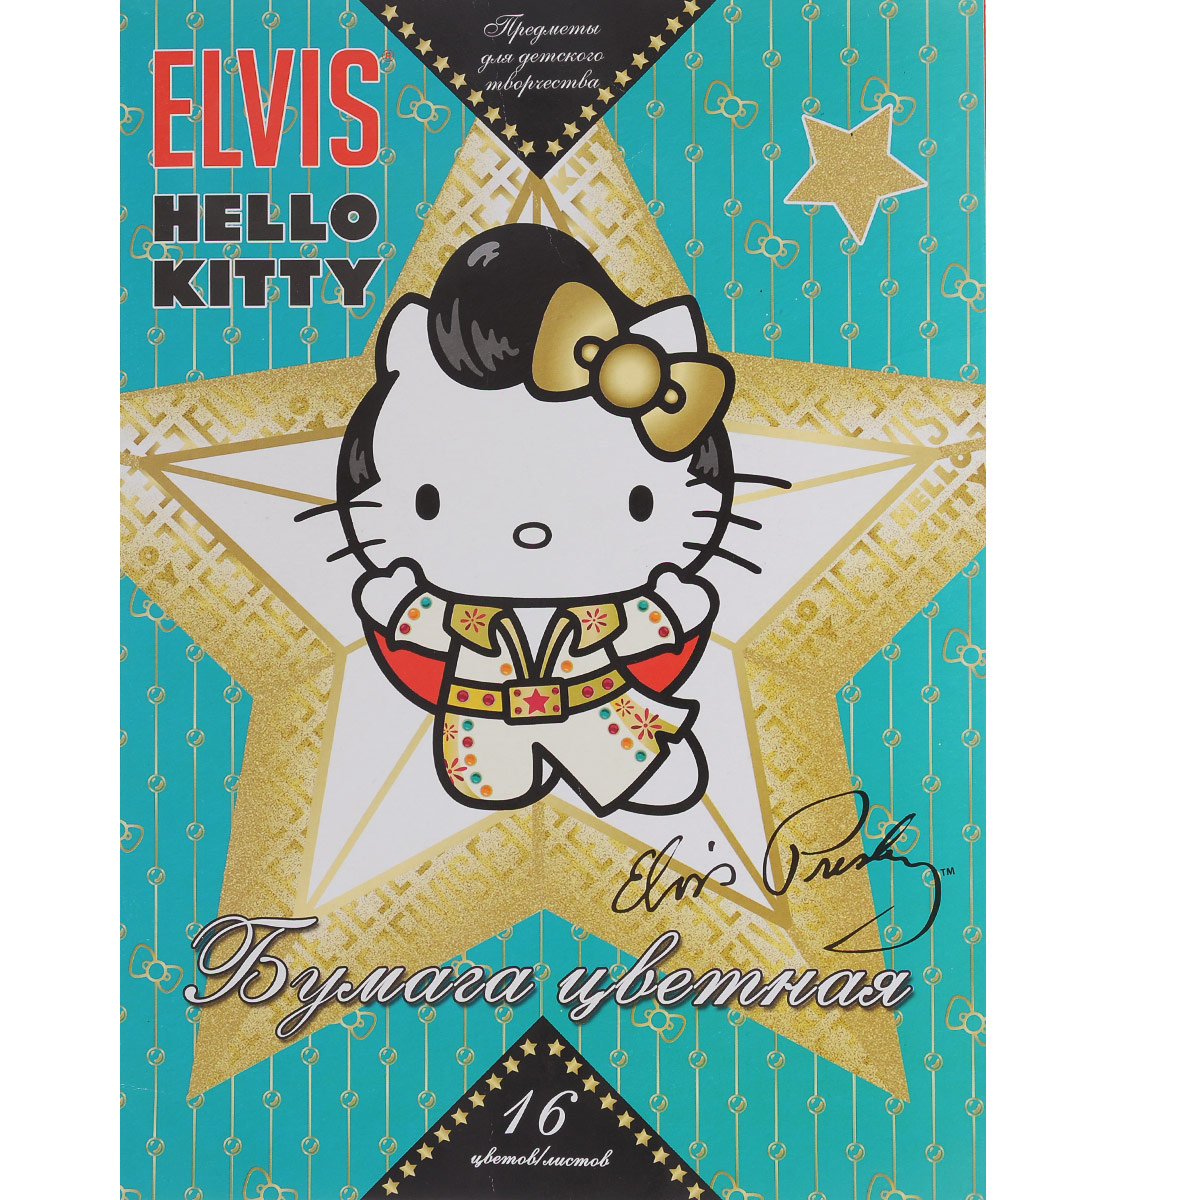 Цветная бумага Hello Kitty. Elvis, 16 цветов. HK31_бирюзовыйАЧМКСКЛ05 160/40Цветная бумага Hello Kitty. Elvis позволит вашему ребенку создавать всевозможные аппликации и поделки.Набор состоит из 16 листов, скрепленных скобами. Обложка изготовлена из плотного картона с изображением Hello Kitty.Создание поделок из цветной бумаги поможет ребенку в развитии творческих способностей, кроме того, это увлекательный досуг.